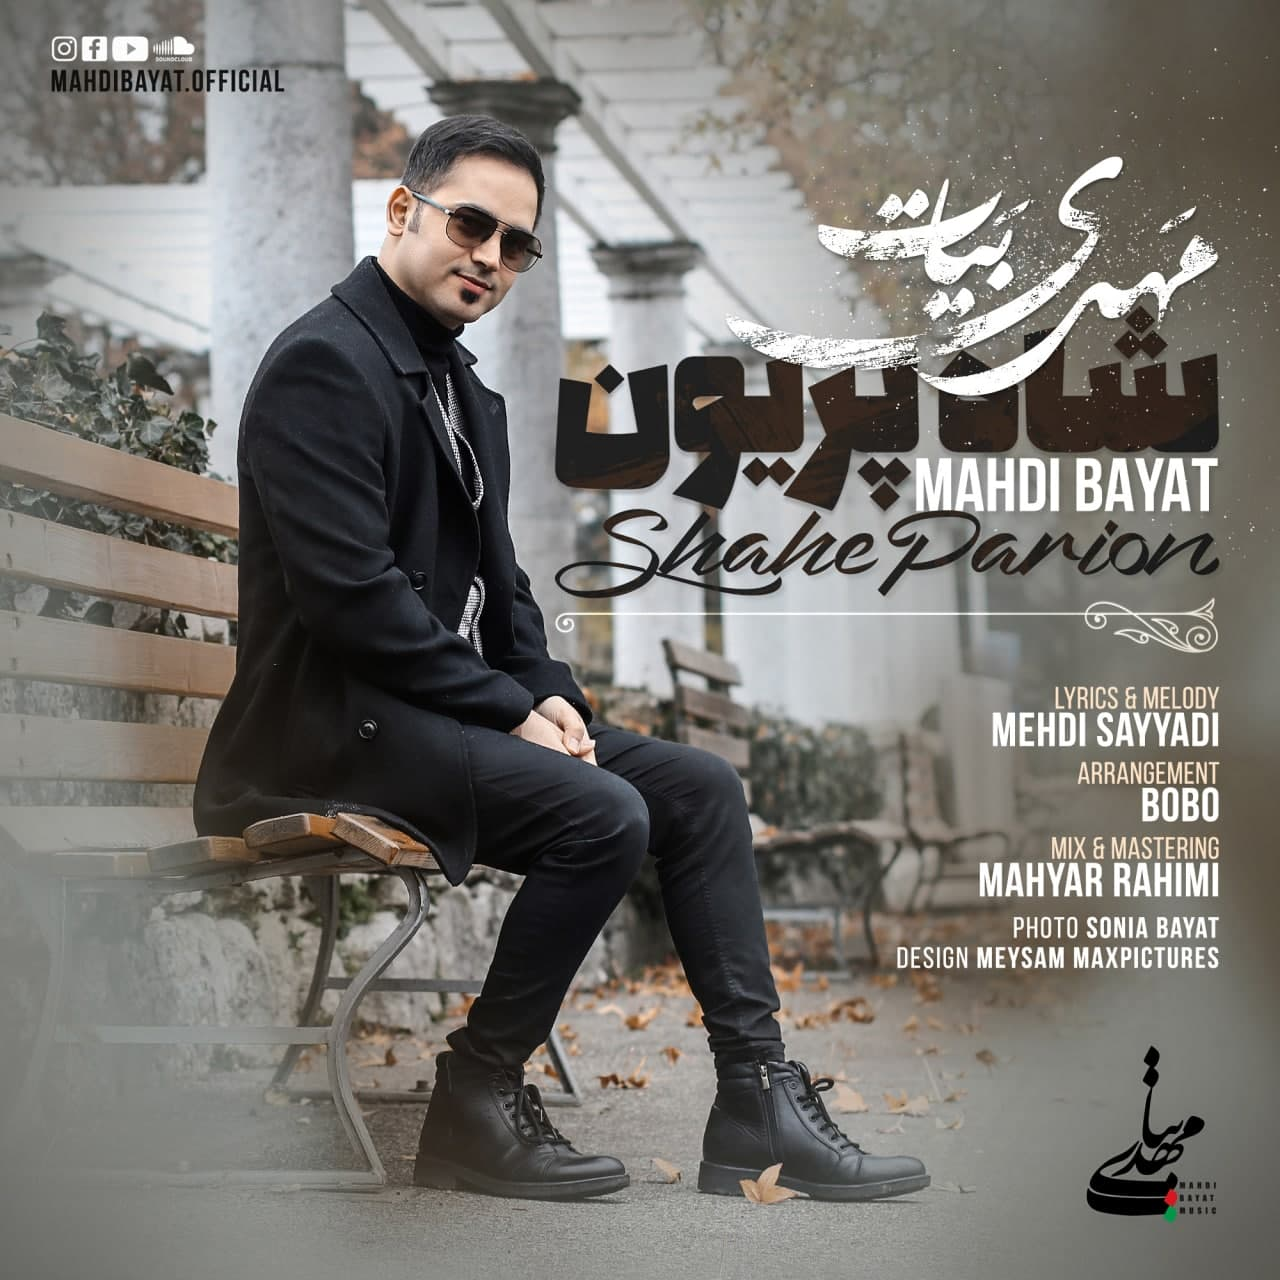 Mahdi Bayat – Shahe Parion